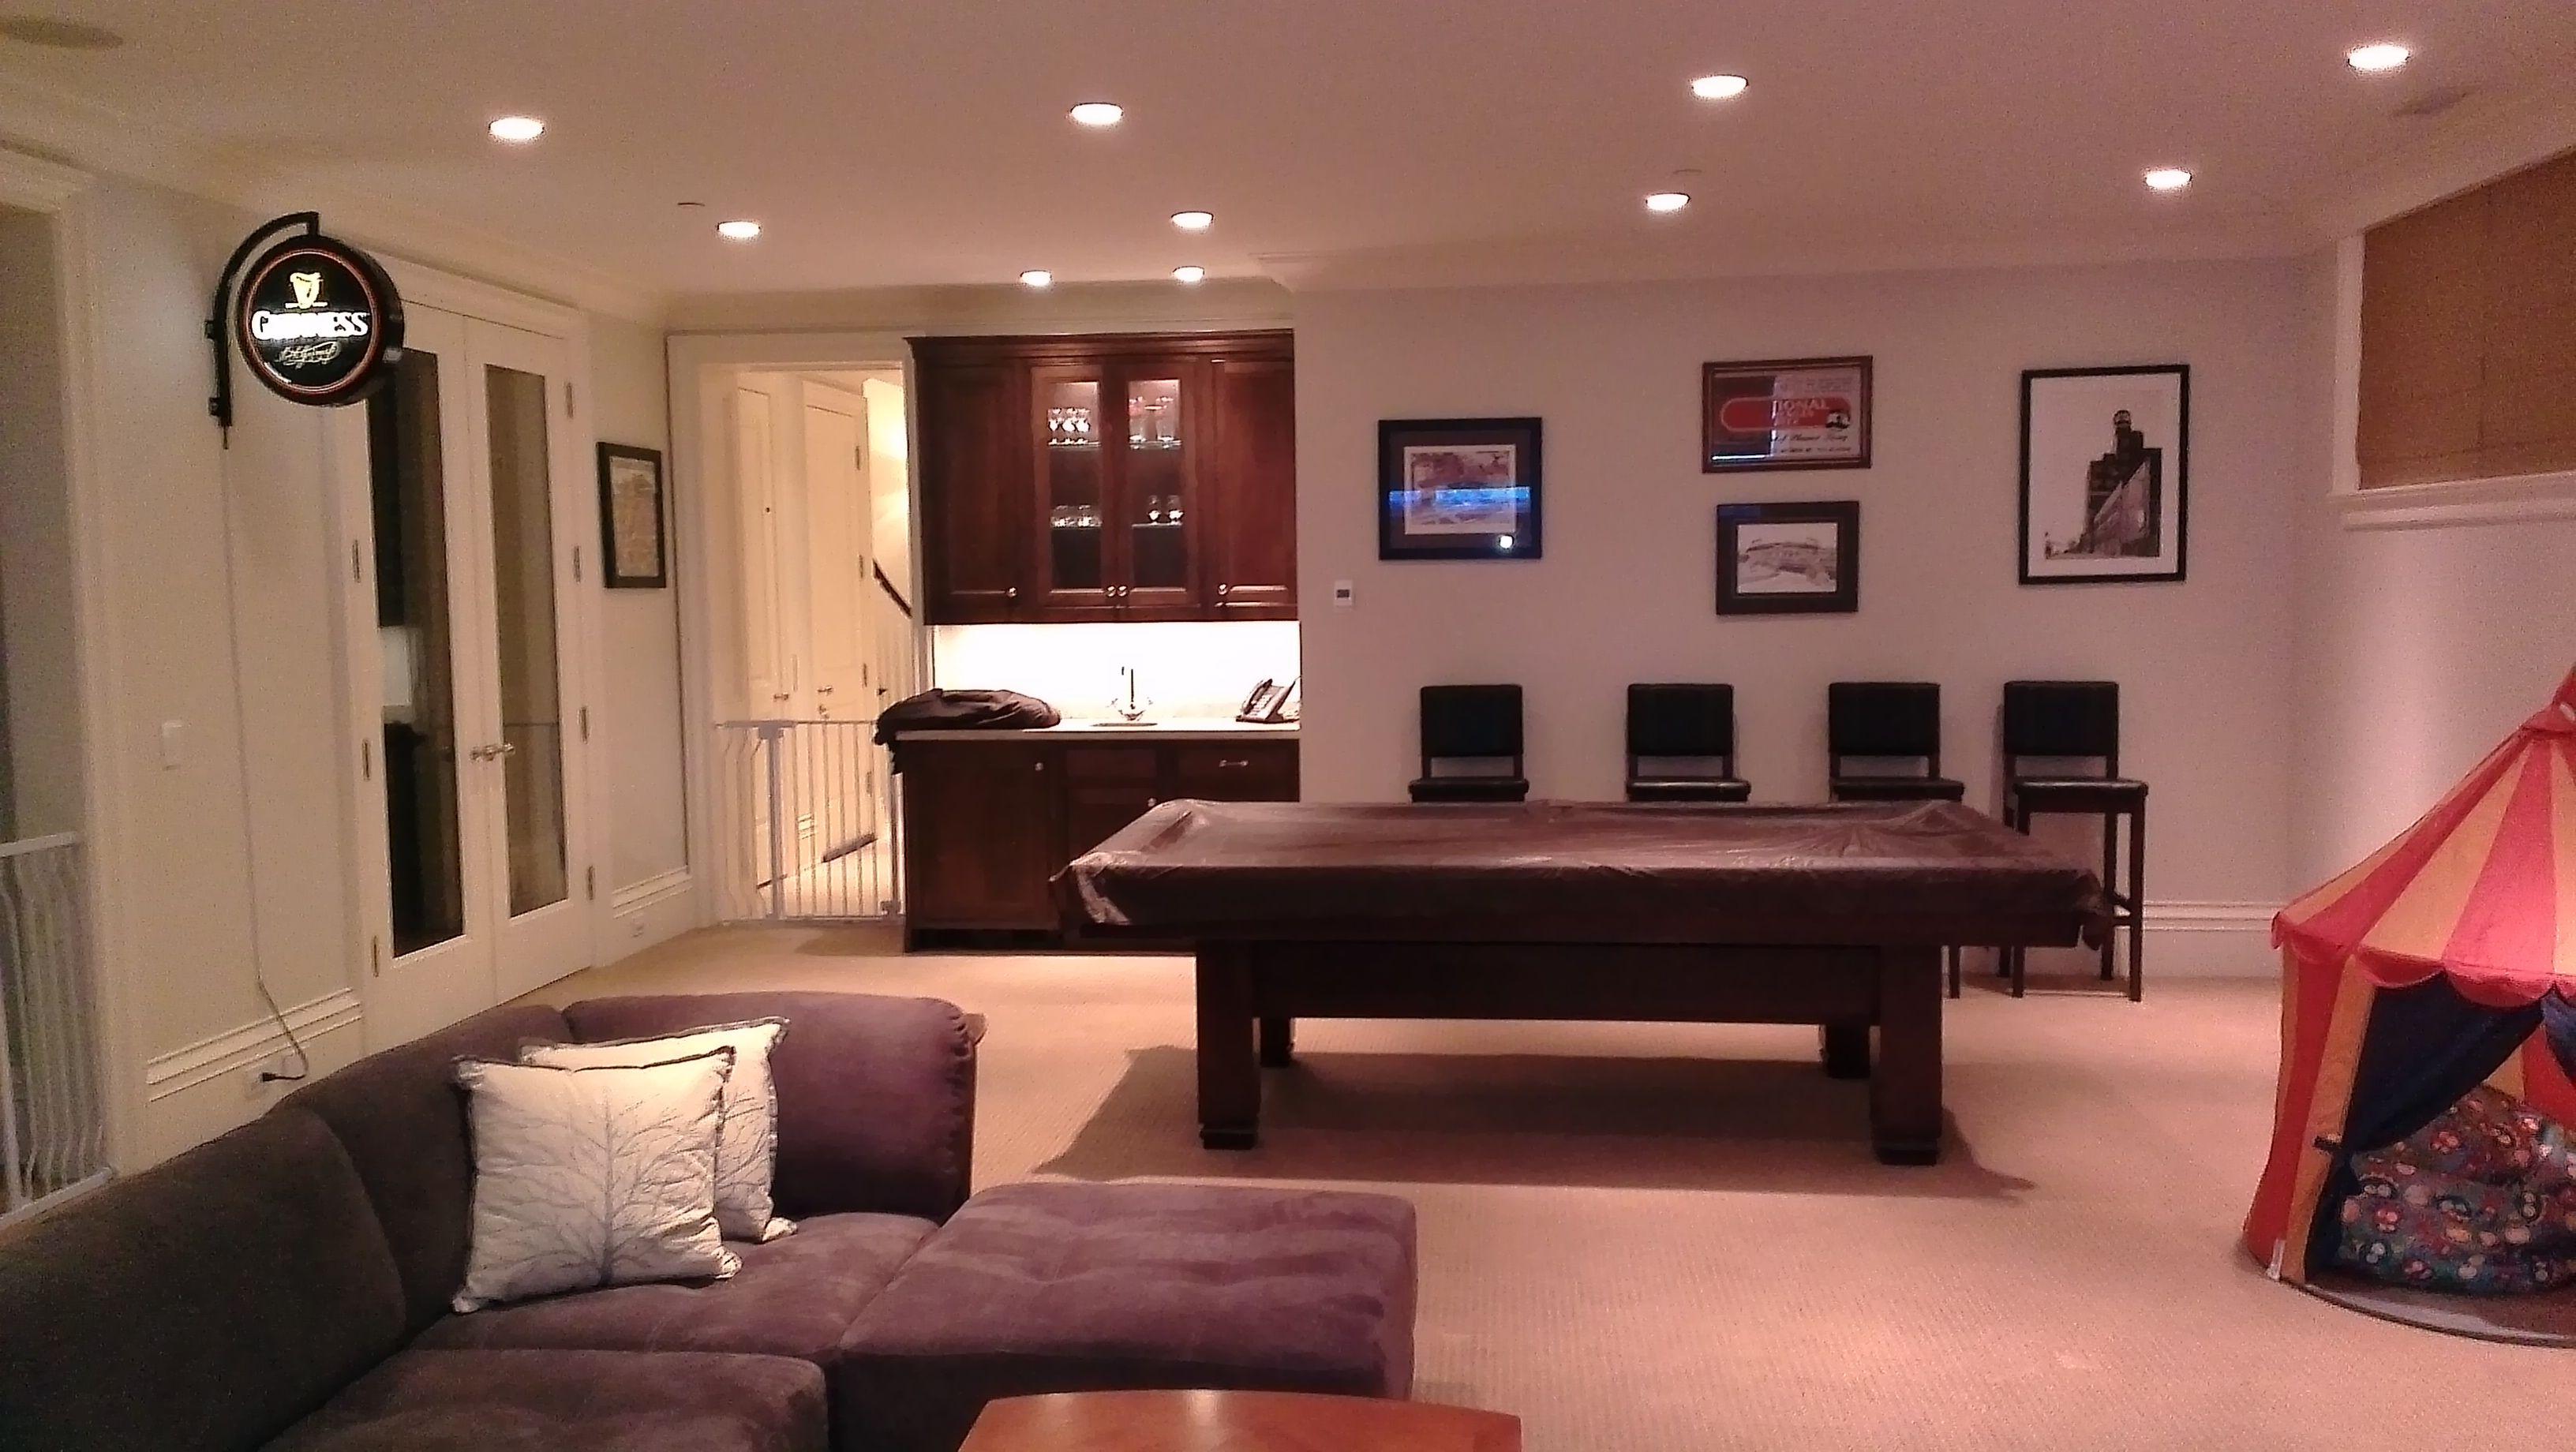 Basement Rec Room Ideas Basement Rec Room Bar & Pool Table Idea  For The Home